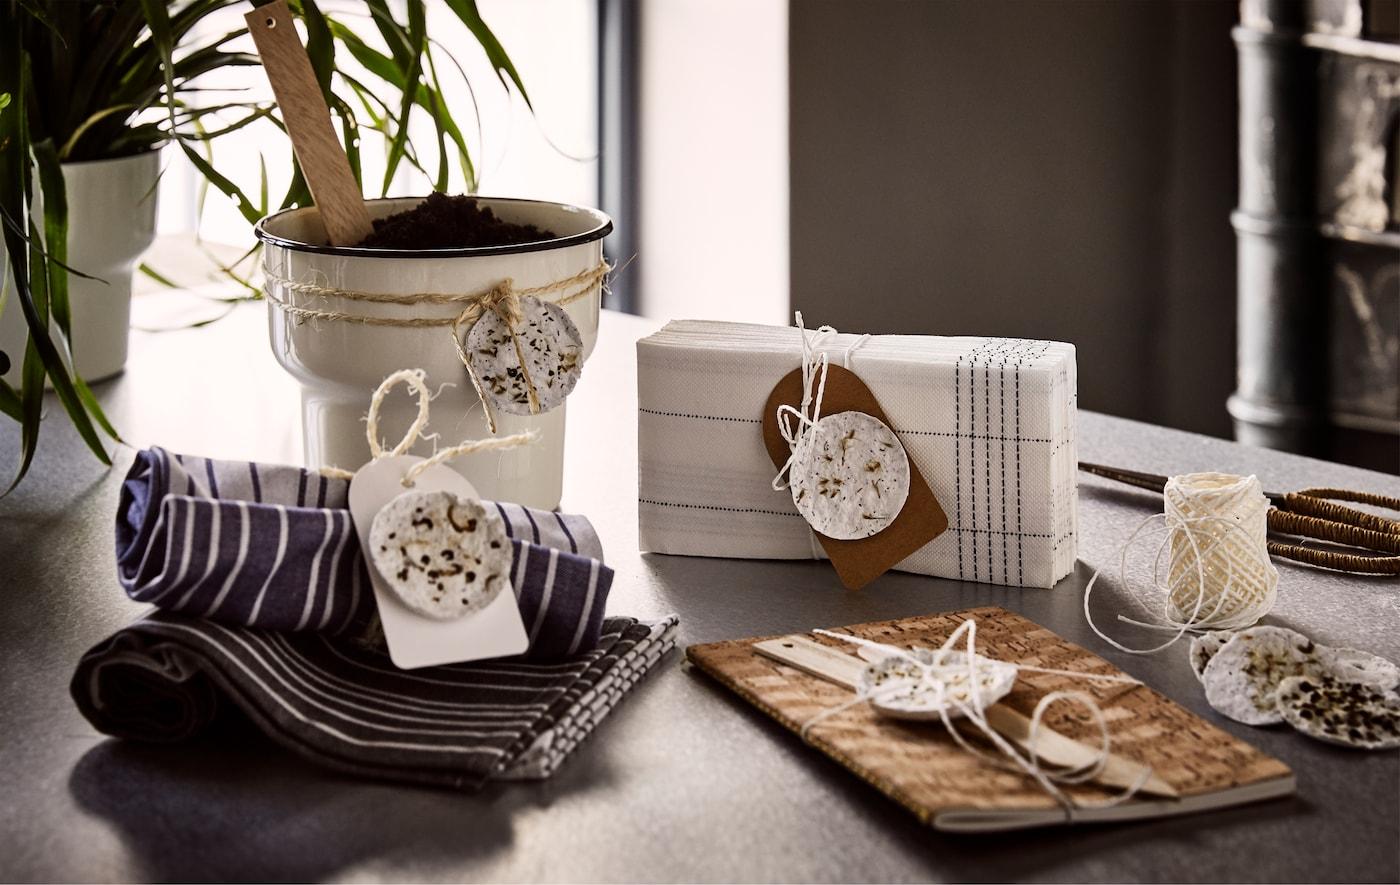 Un cache-pot beige, un carnet brun, des serviettes en tissu et en papier avec des dosettes de plantes faites maison nouées autour.